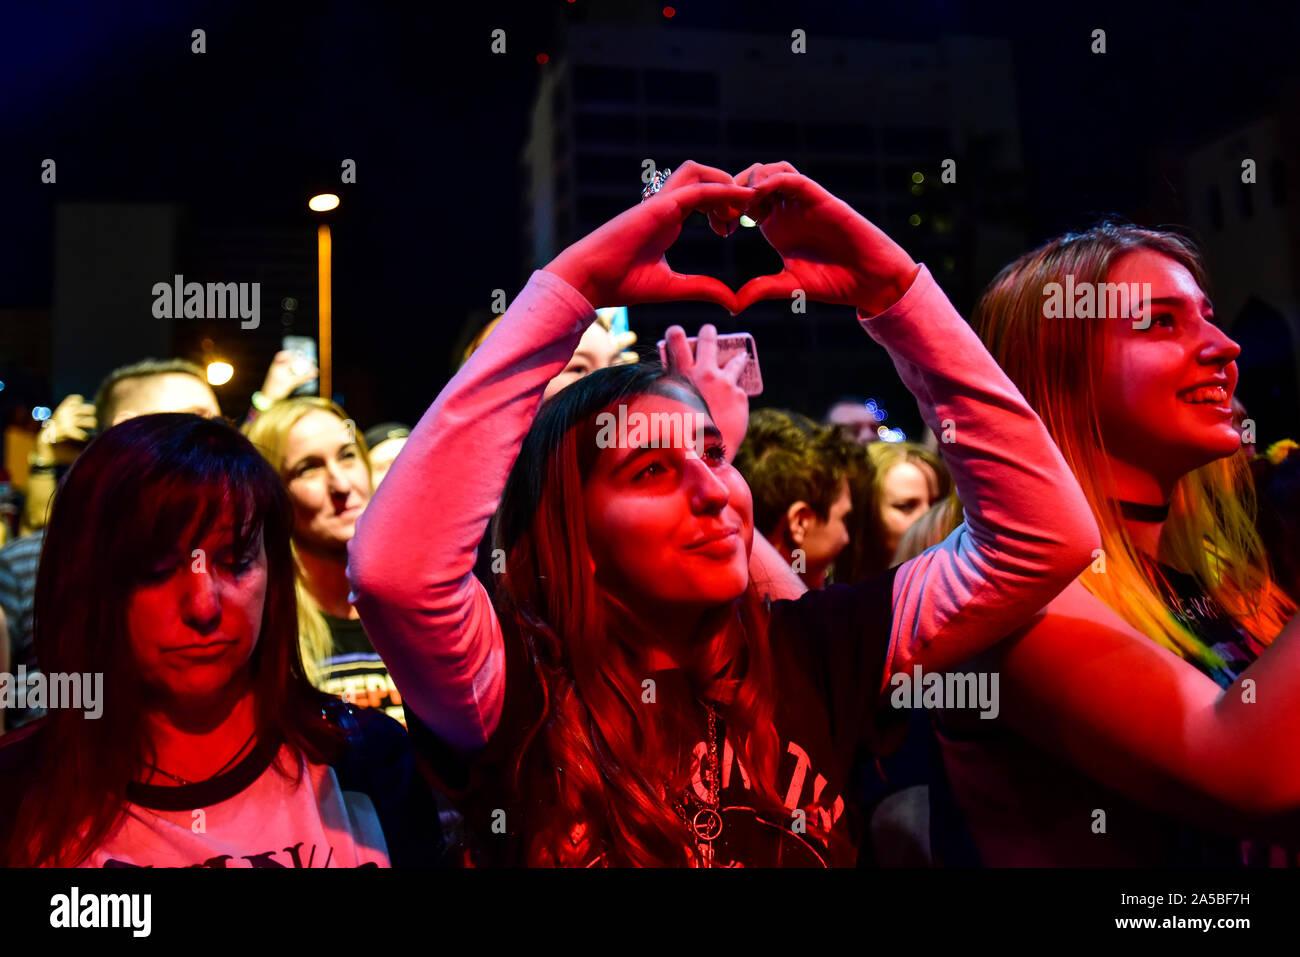 Las Vegas, Nevada, le 18 octobre 2019 - La foule lors de la troisième édition annuelle de Las Stique heavy metal music festival tenu à la Centre-ville de Las Vegas Events Center. Crédit de photo: Ken Howard Images Banque D'Images